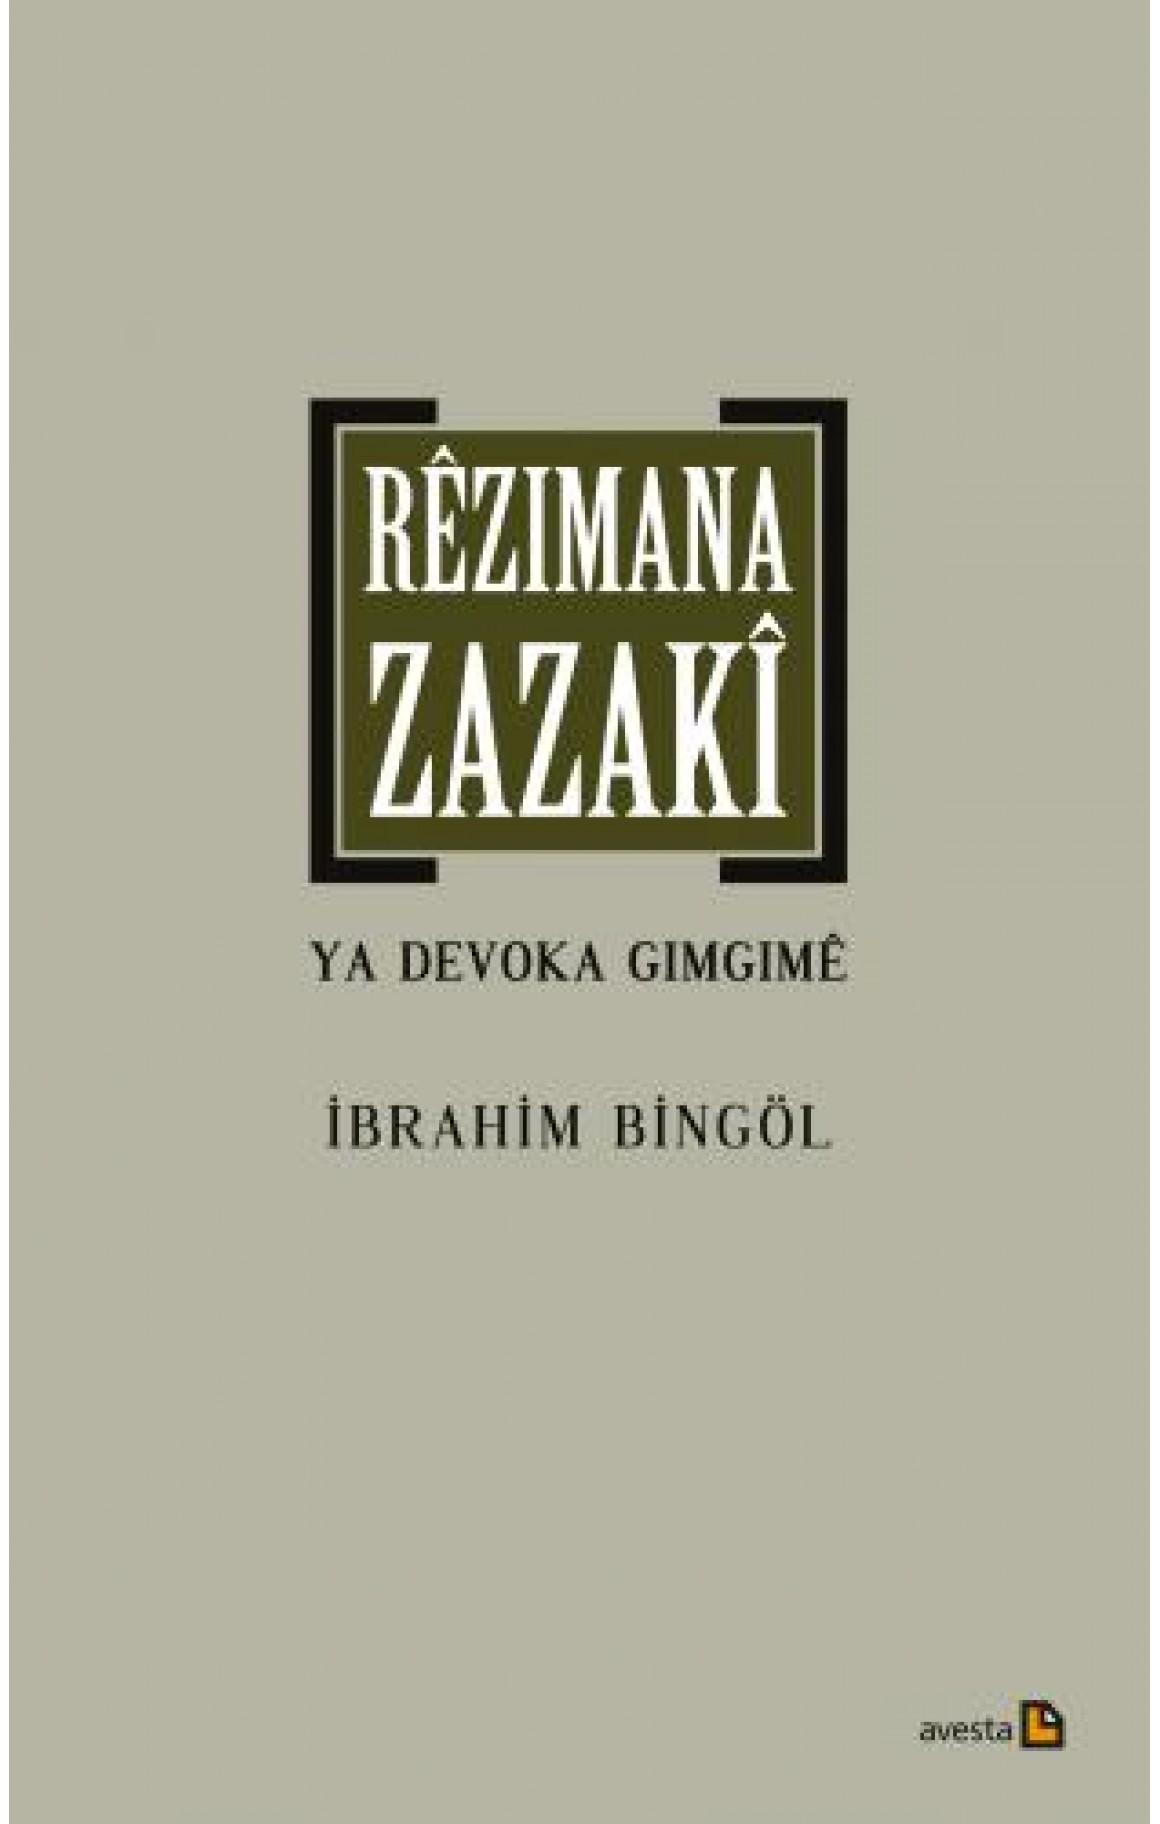 Rêzimana Zazakî ya Devoka Gimgimê